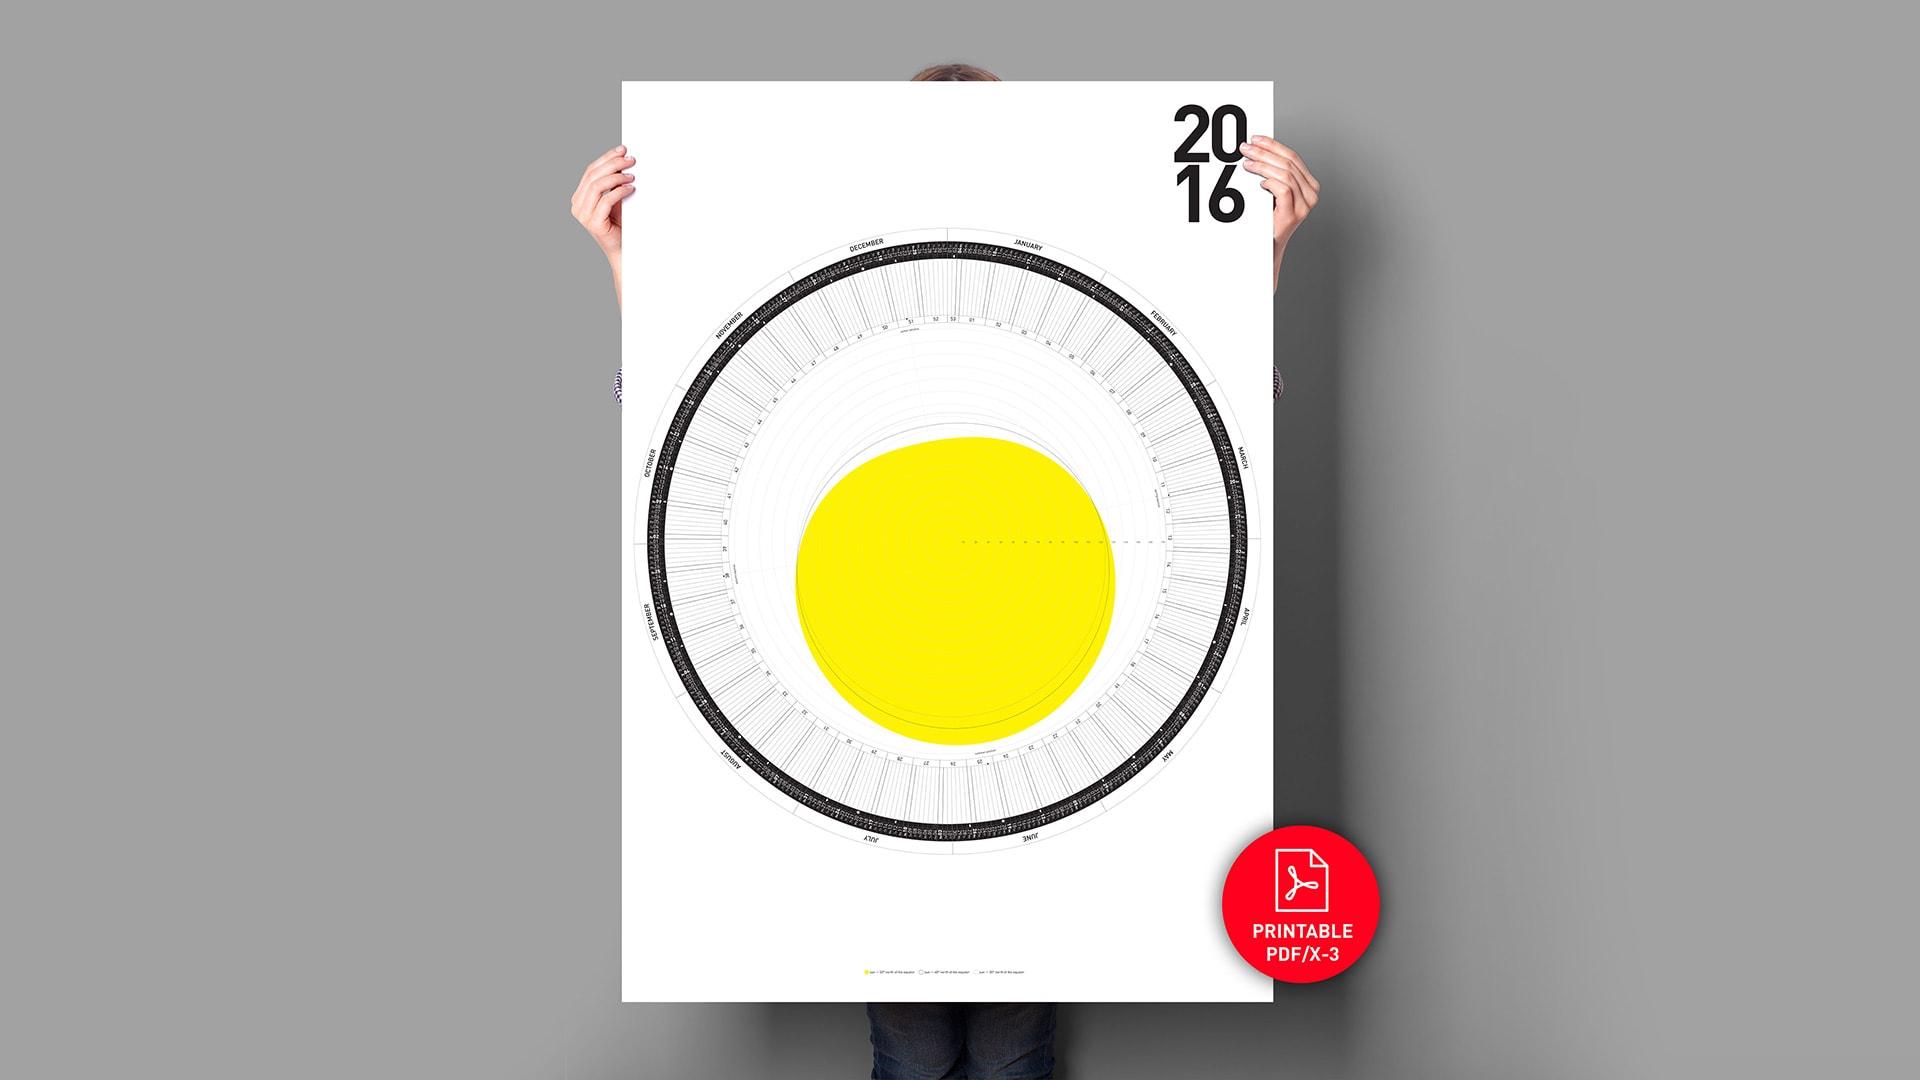 The-Circular-Calendar-2016-1920-1080